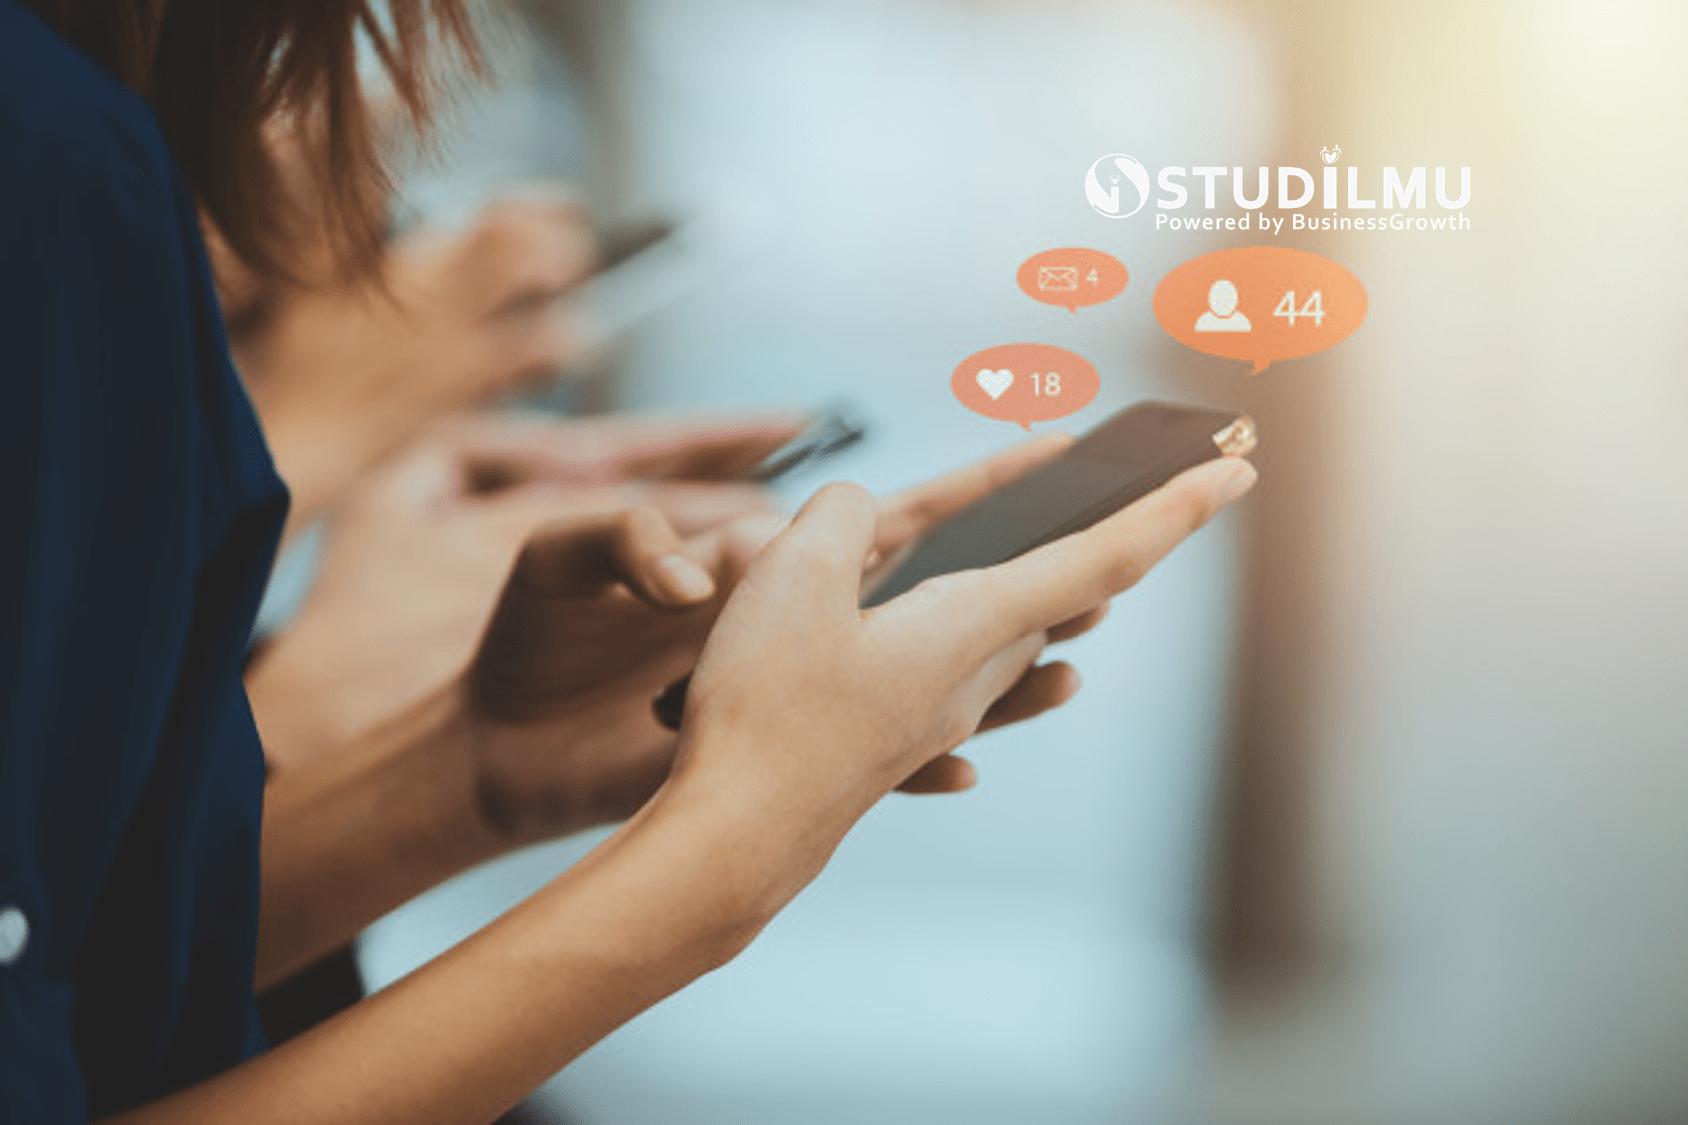 STUDILMU Career Advice - 6 Fakta Strategi Pemasaran di Media Sosial yang Harus Diketahui